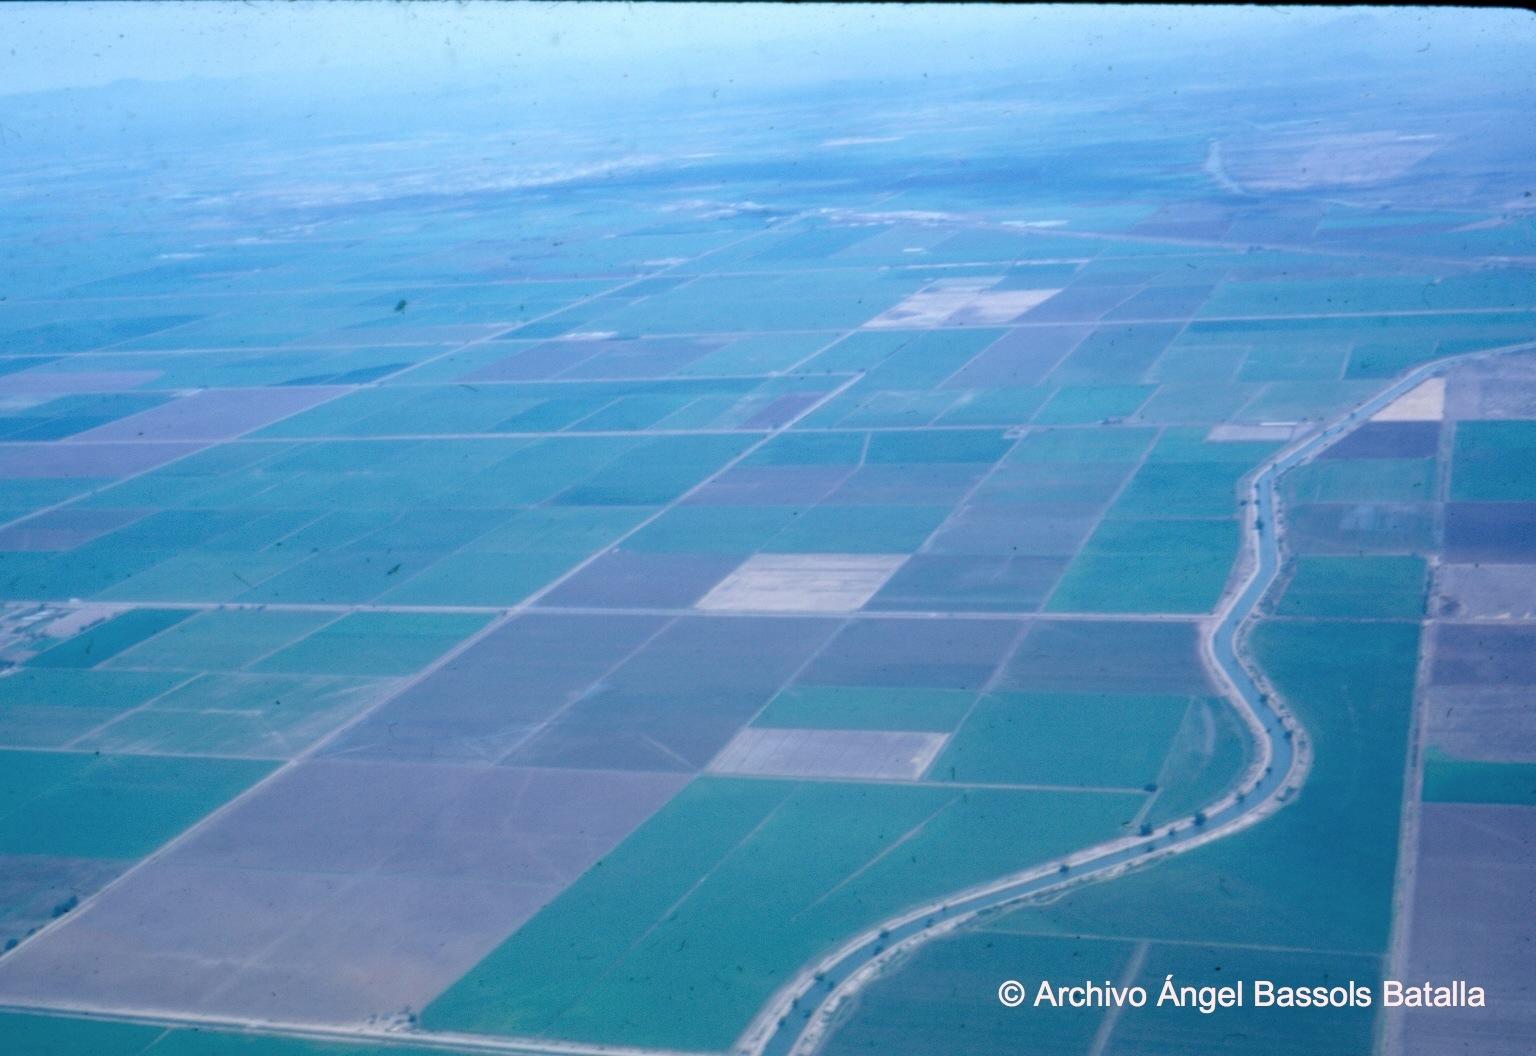 La gran planicie de riego del Valle Bajo del yaqui